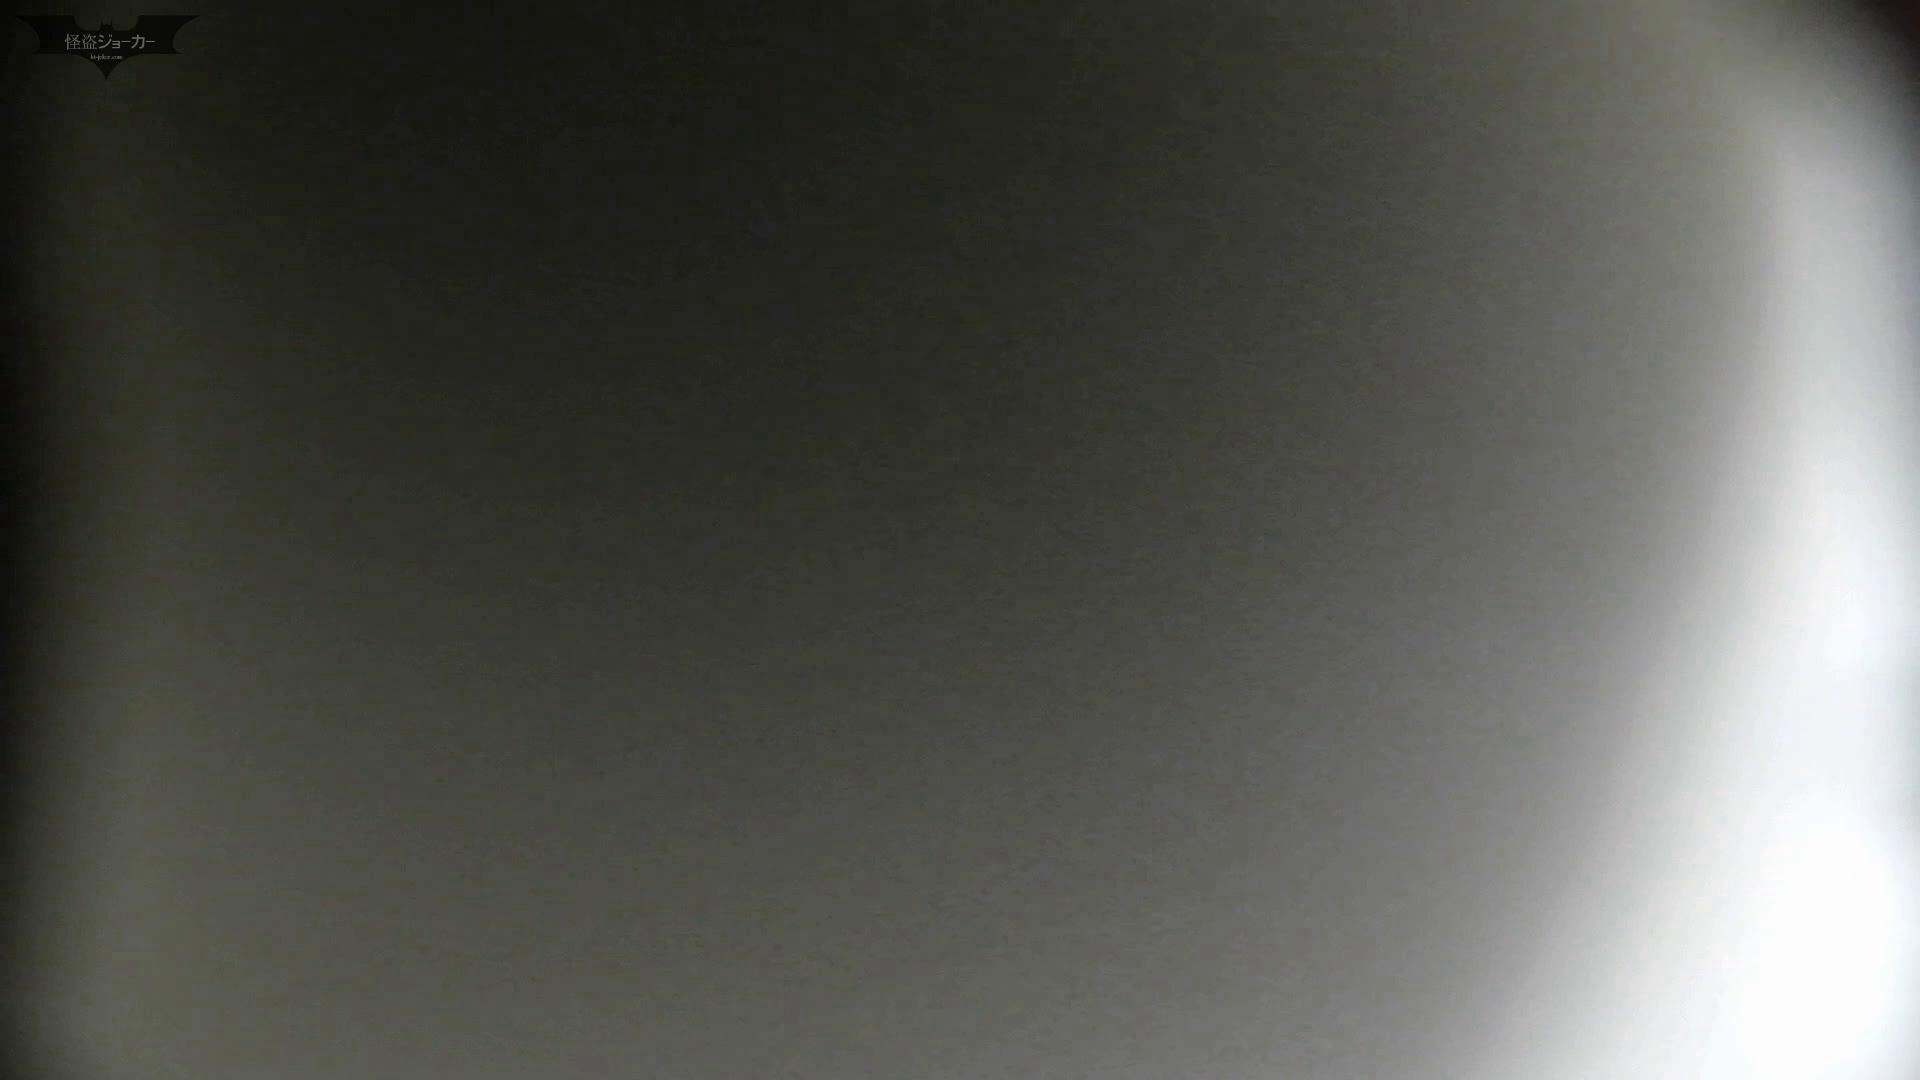 洗面所特攻隊 vol.66 珍事件発生!! 「指」で出【2015・05位】 洗面所着替え | OL  30連発 24